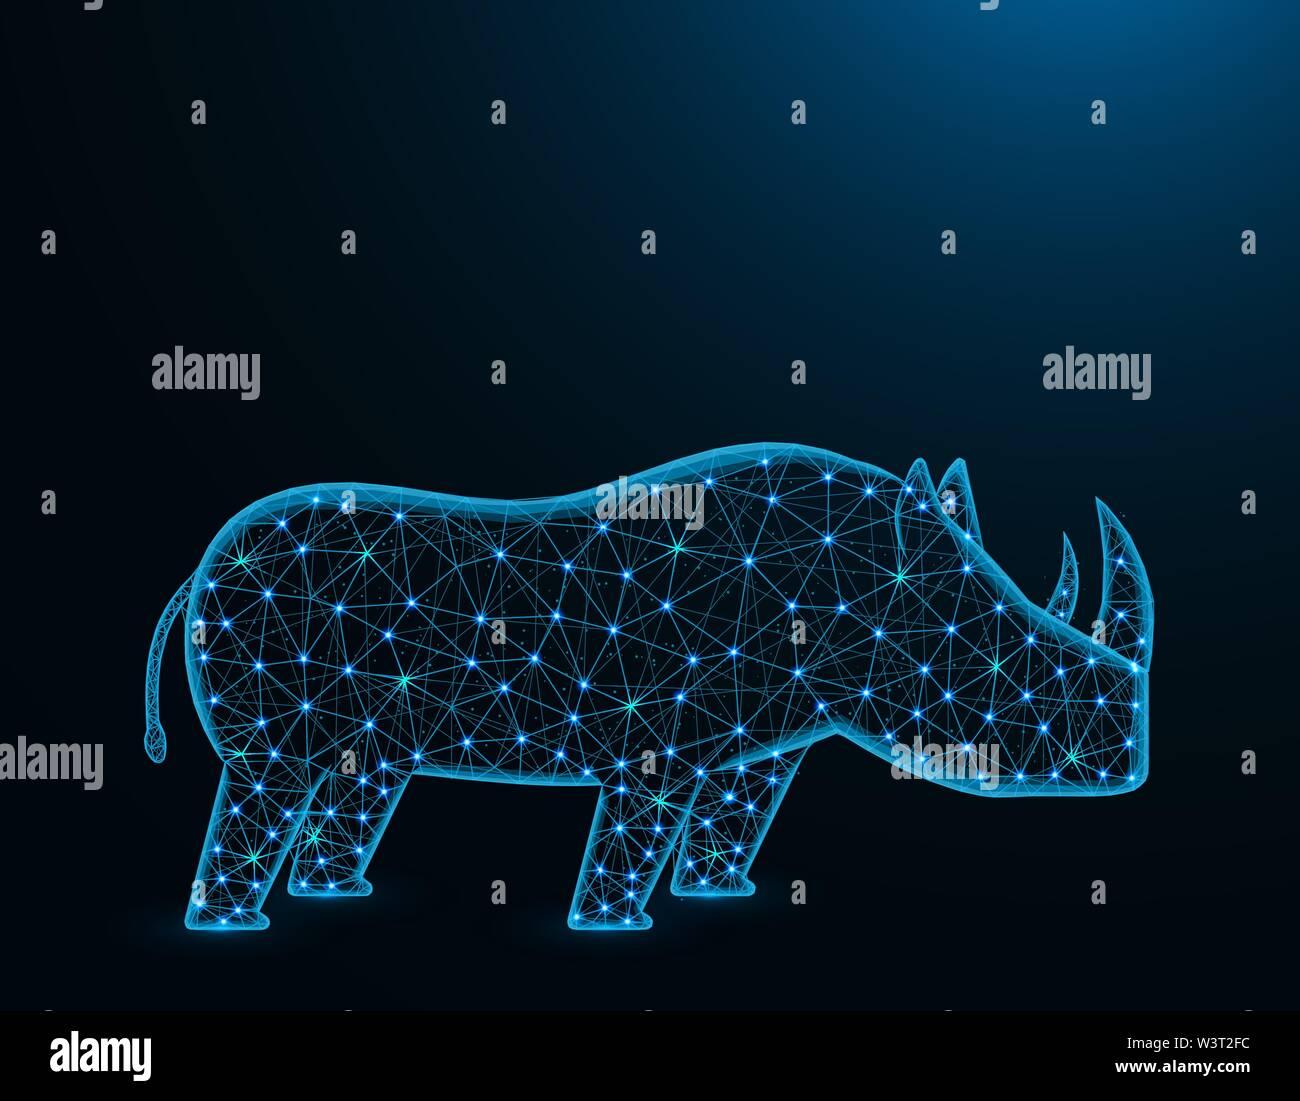 Peu de rhinocéros d'Afrique, modèle poly résumé des animaux mammifères solitaires, des graphiques d'illustration vectorielle wireframe polygonal sur fond bleu foncé Photo Stock